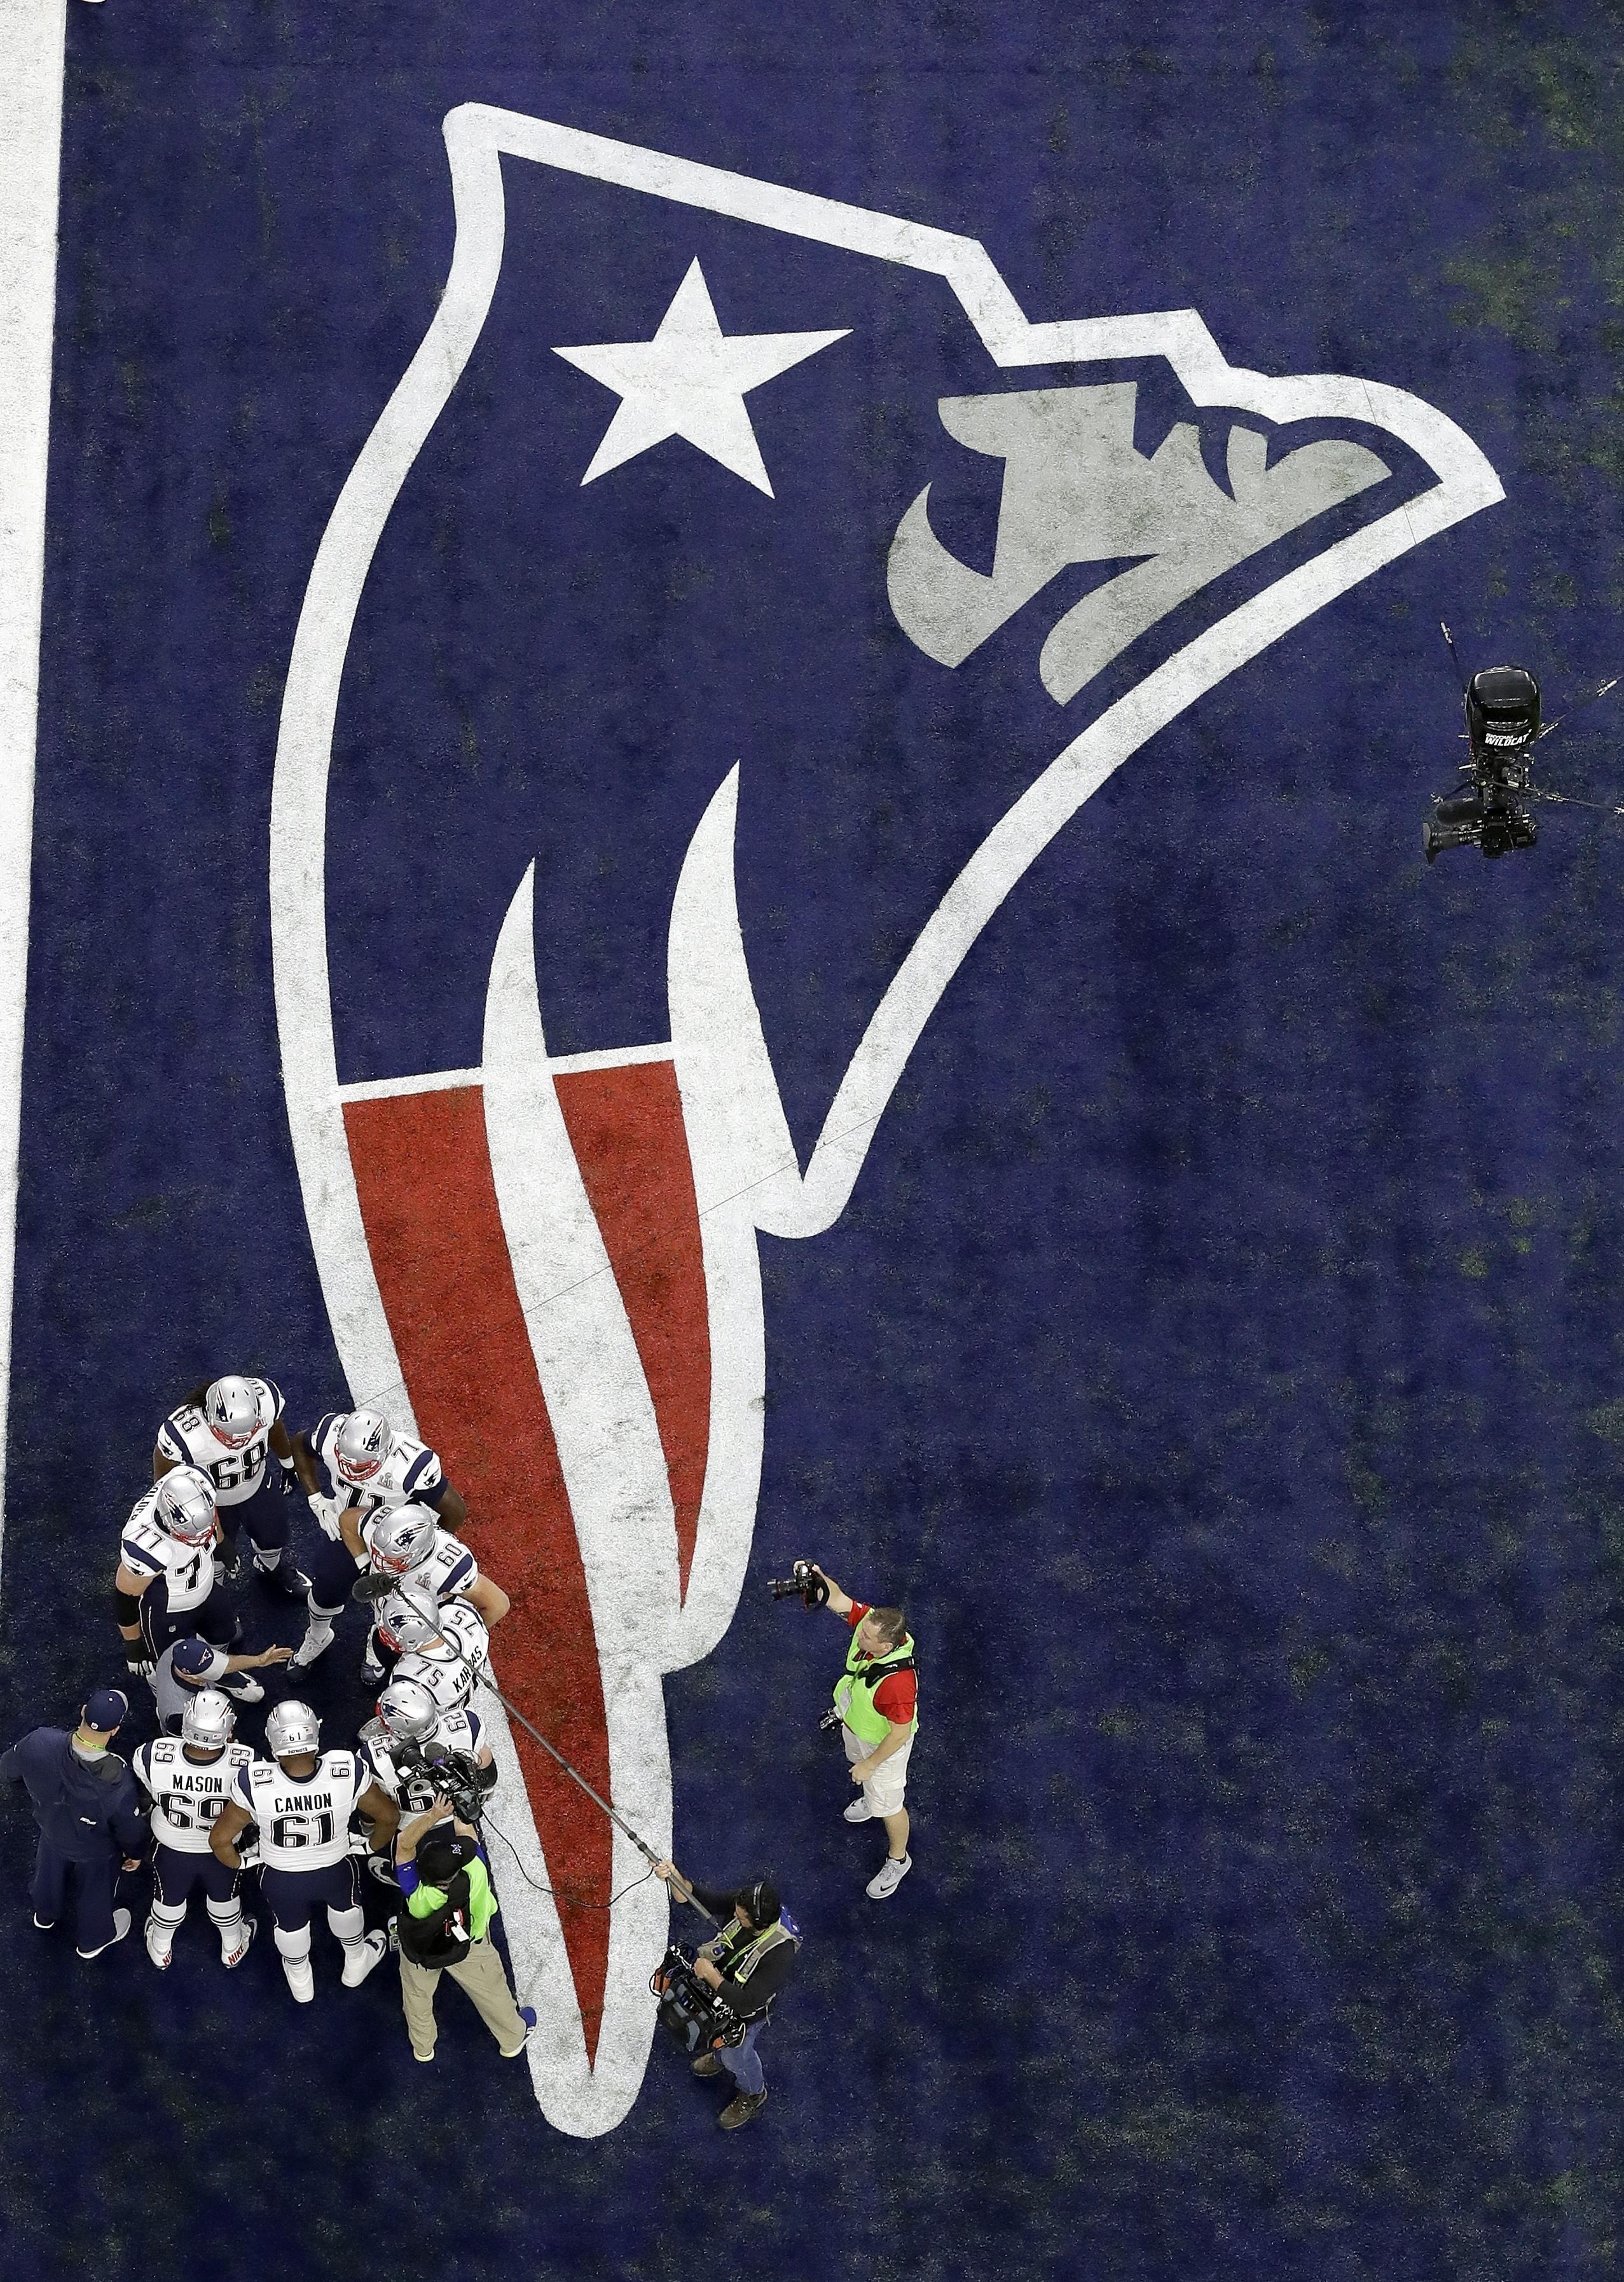 Super Bowl Li Patriots Vs Falcons Patriots New England Patriots Go Pats